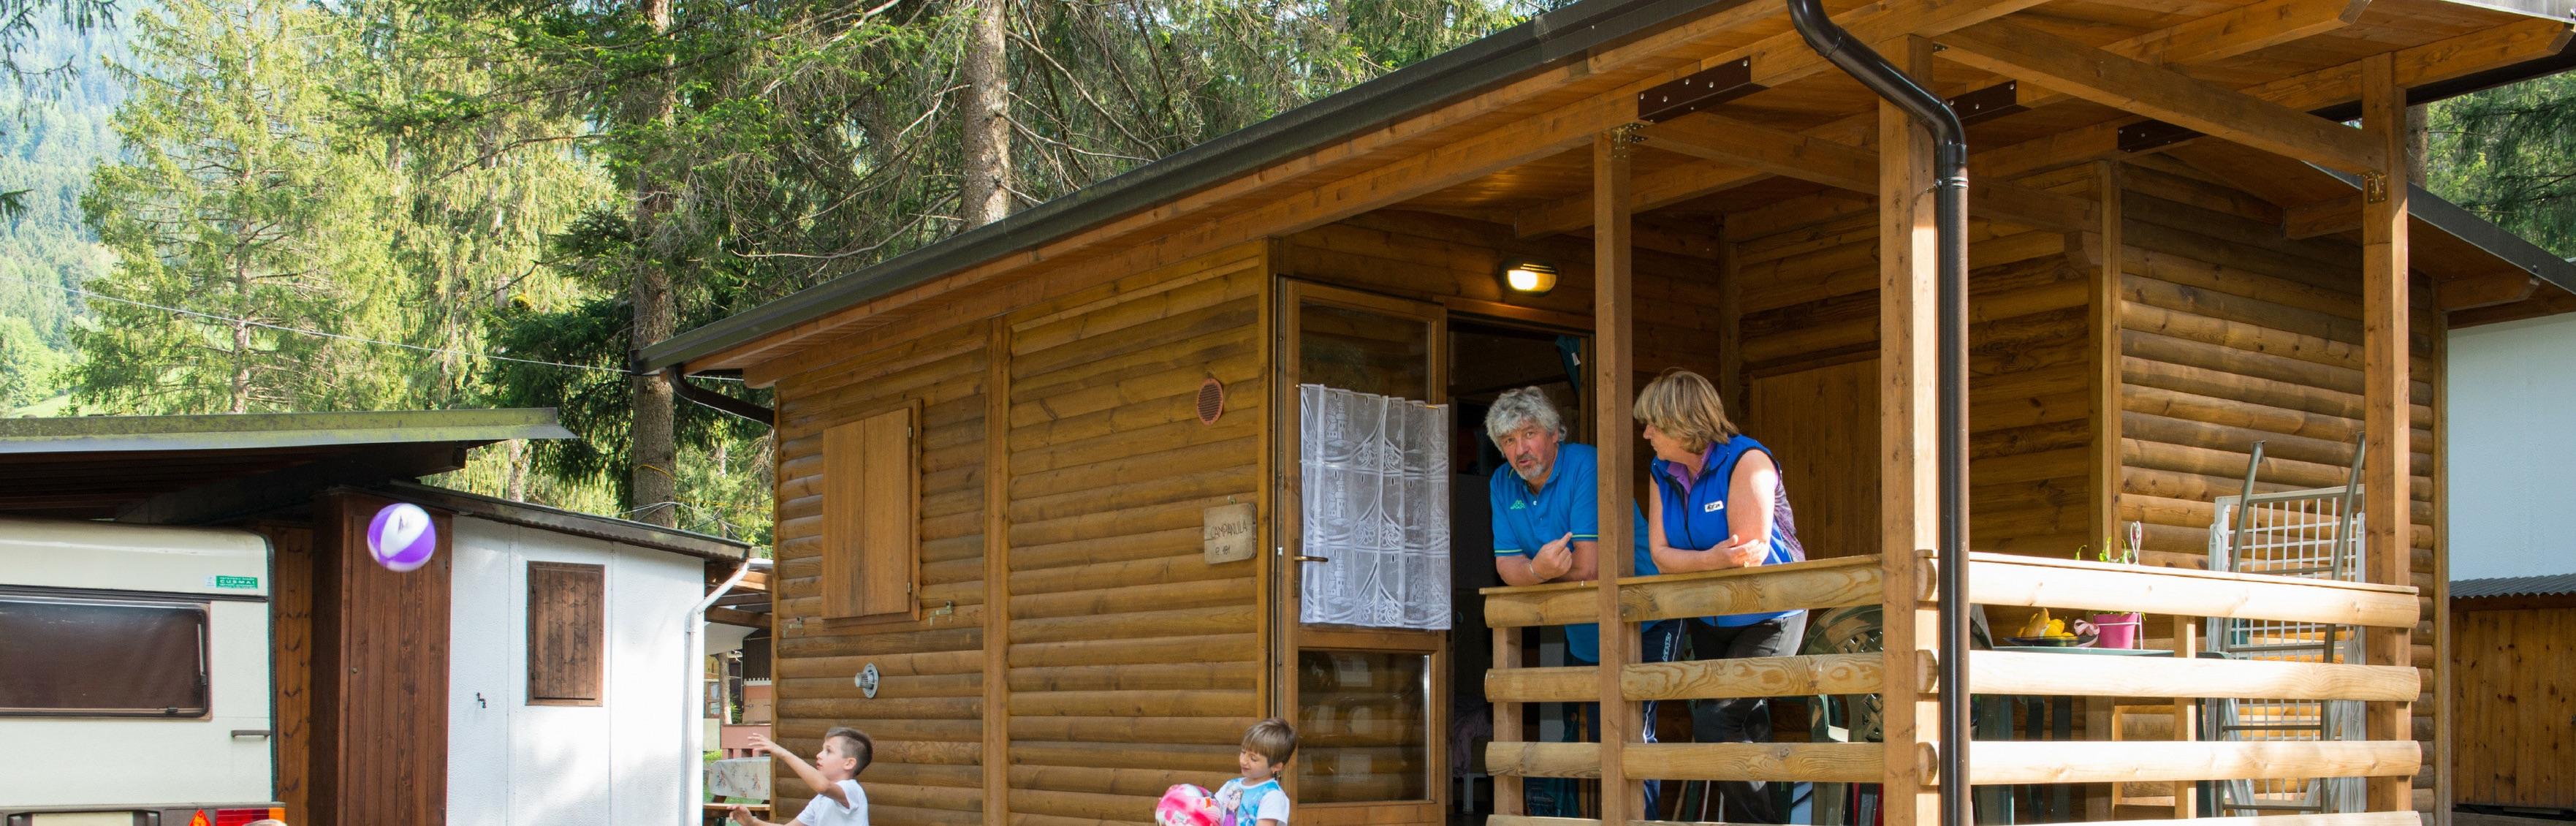 Casa mobile in affitto camping village boscobl - Costruisci casa ...